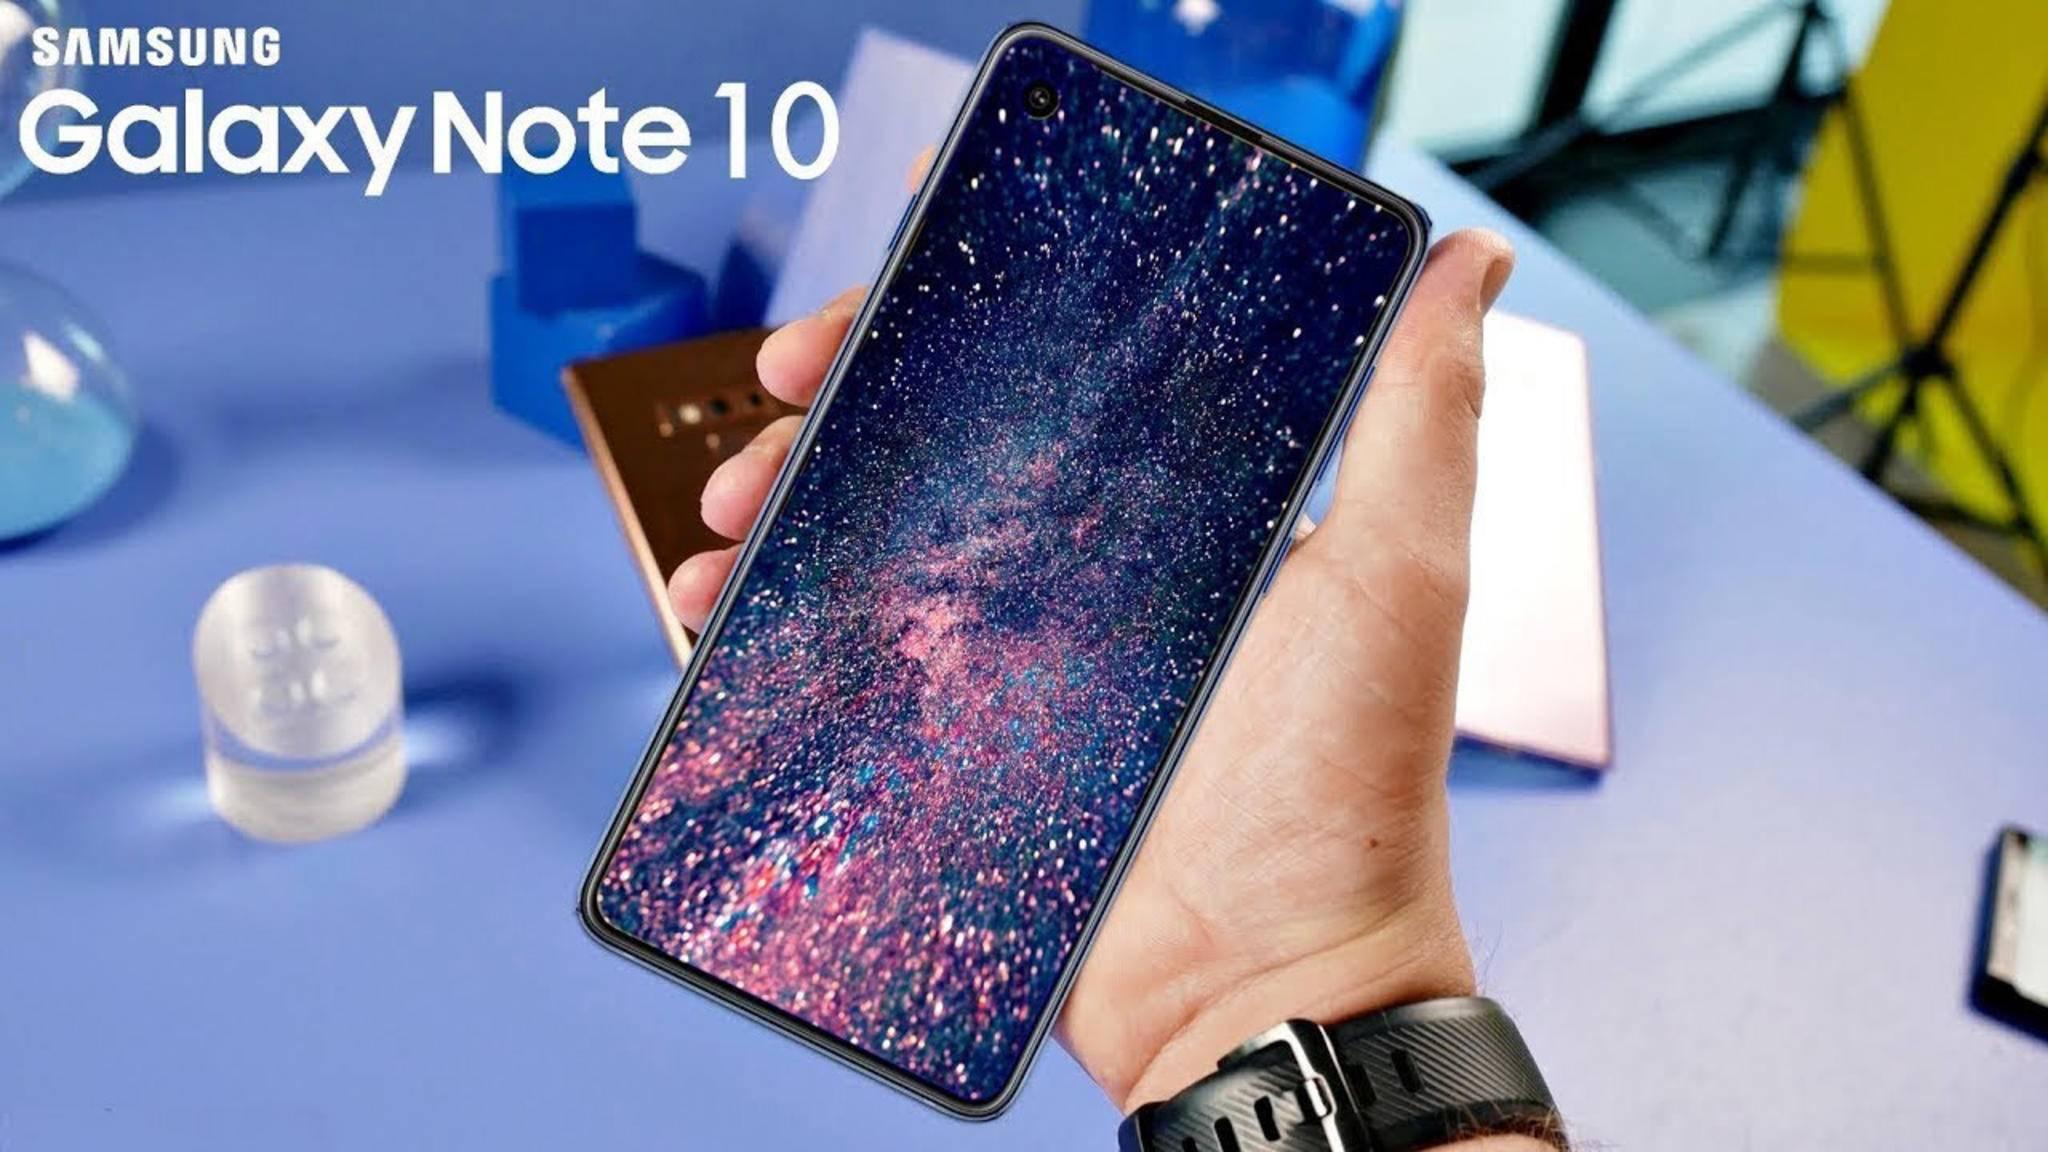 Wird schon das Galaxy Note 10 die Frontkamera unter dem Display verbaut haben?